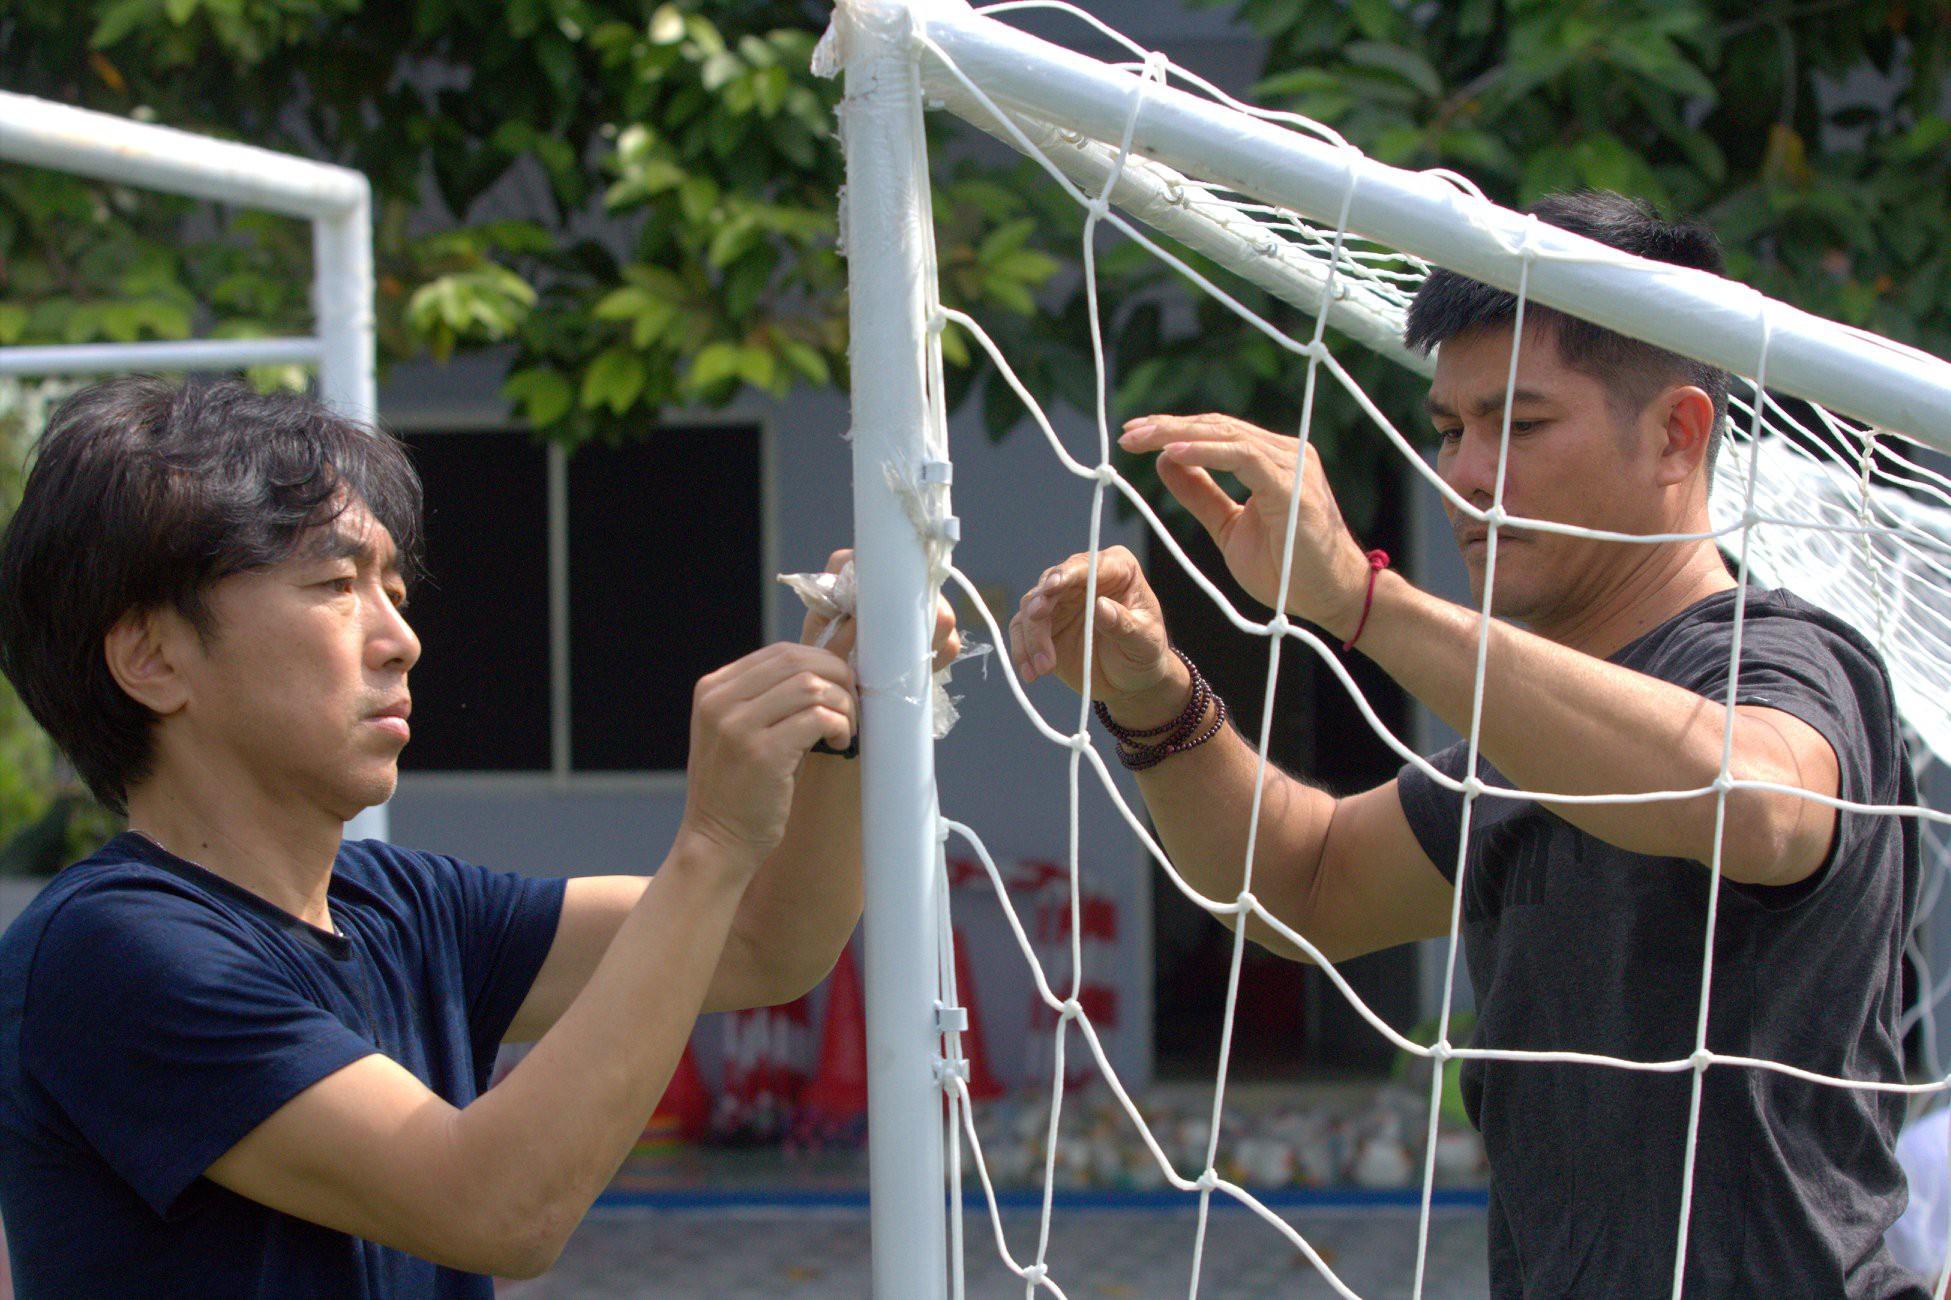 HLV Miura tung đặc sản trong buổi tập đầu tiên với CLB TP.HCM - Ảnh 4.